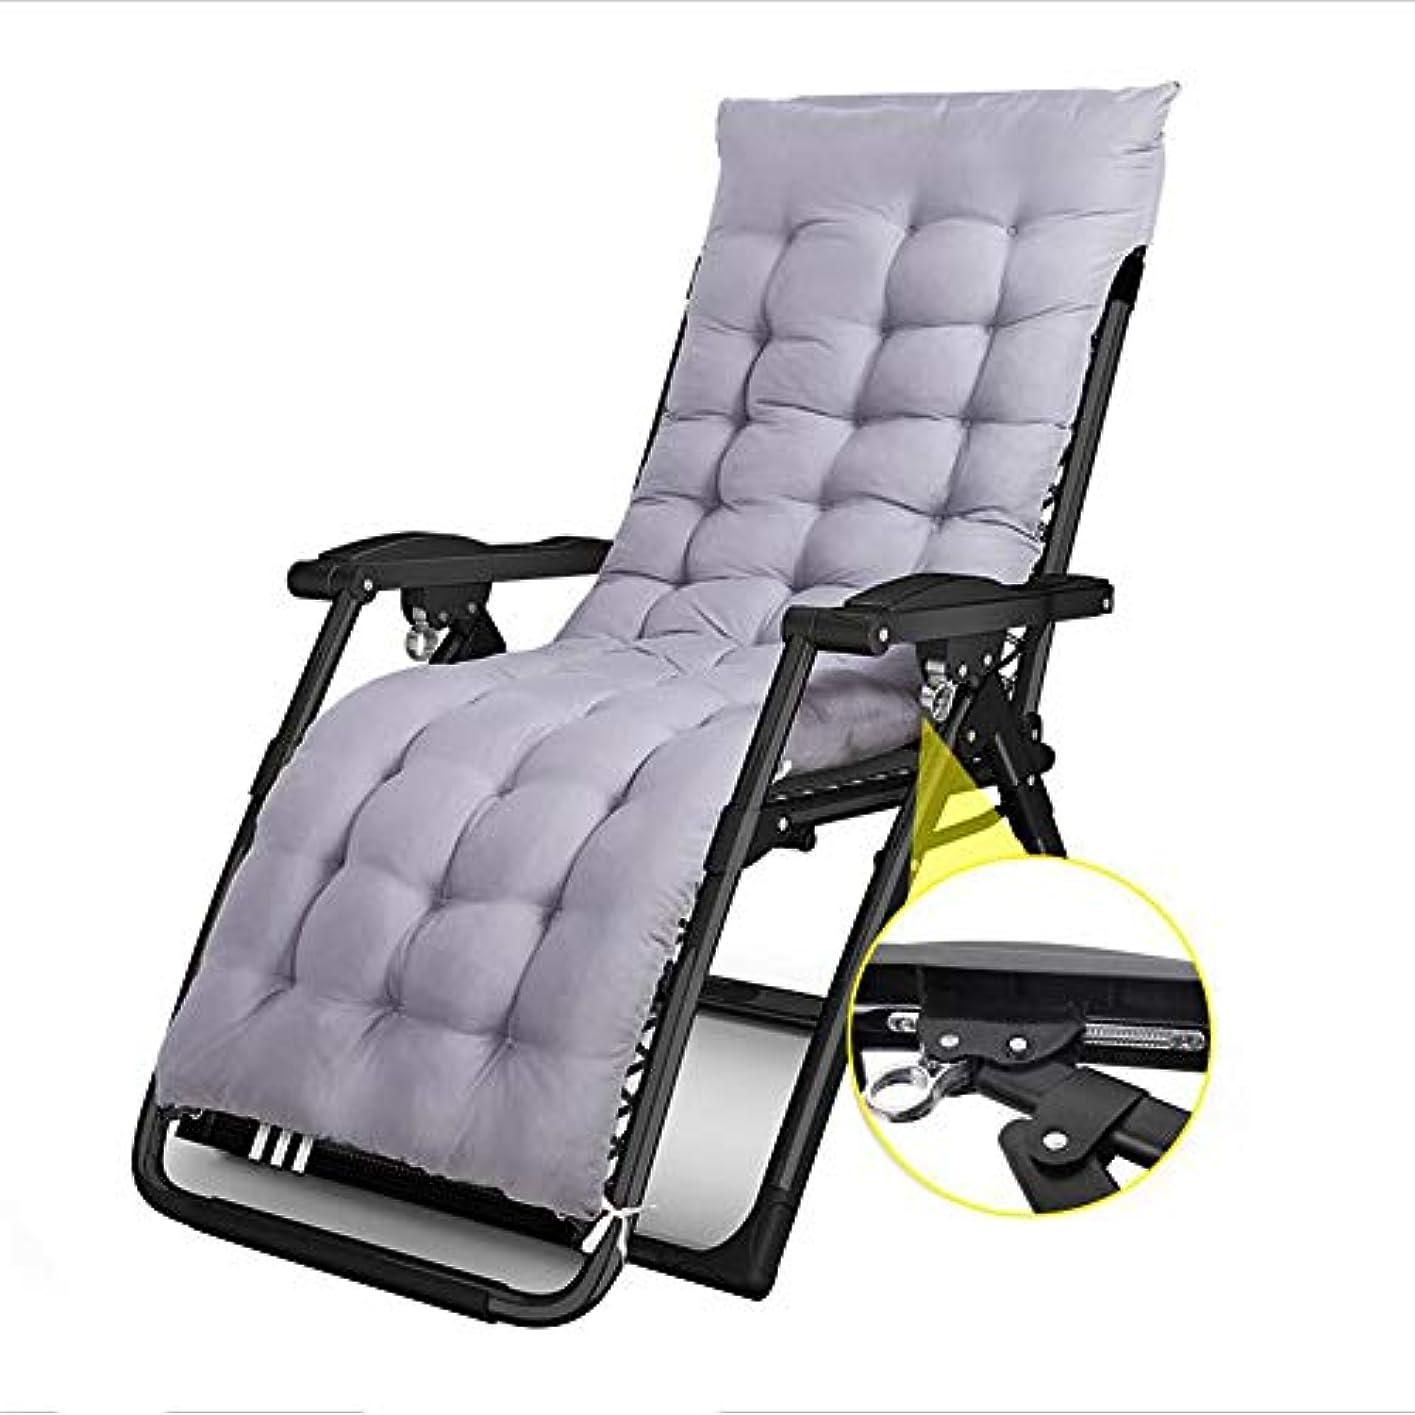 分子開梱好意Super Kh® ランチブレイク折りたたみチェア/ロッキングチェア/寝椅子/レジャー/大人レジャーチェア/高齢者の椅子 (色 : Gray, サイズ さいず : B)